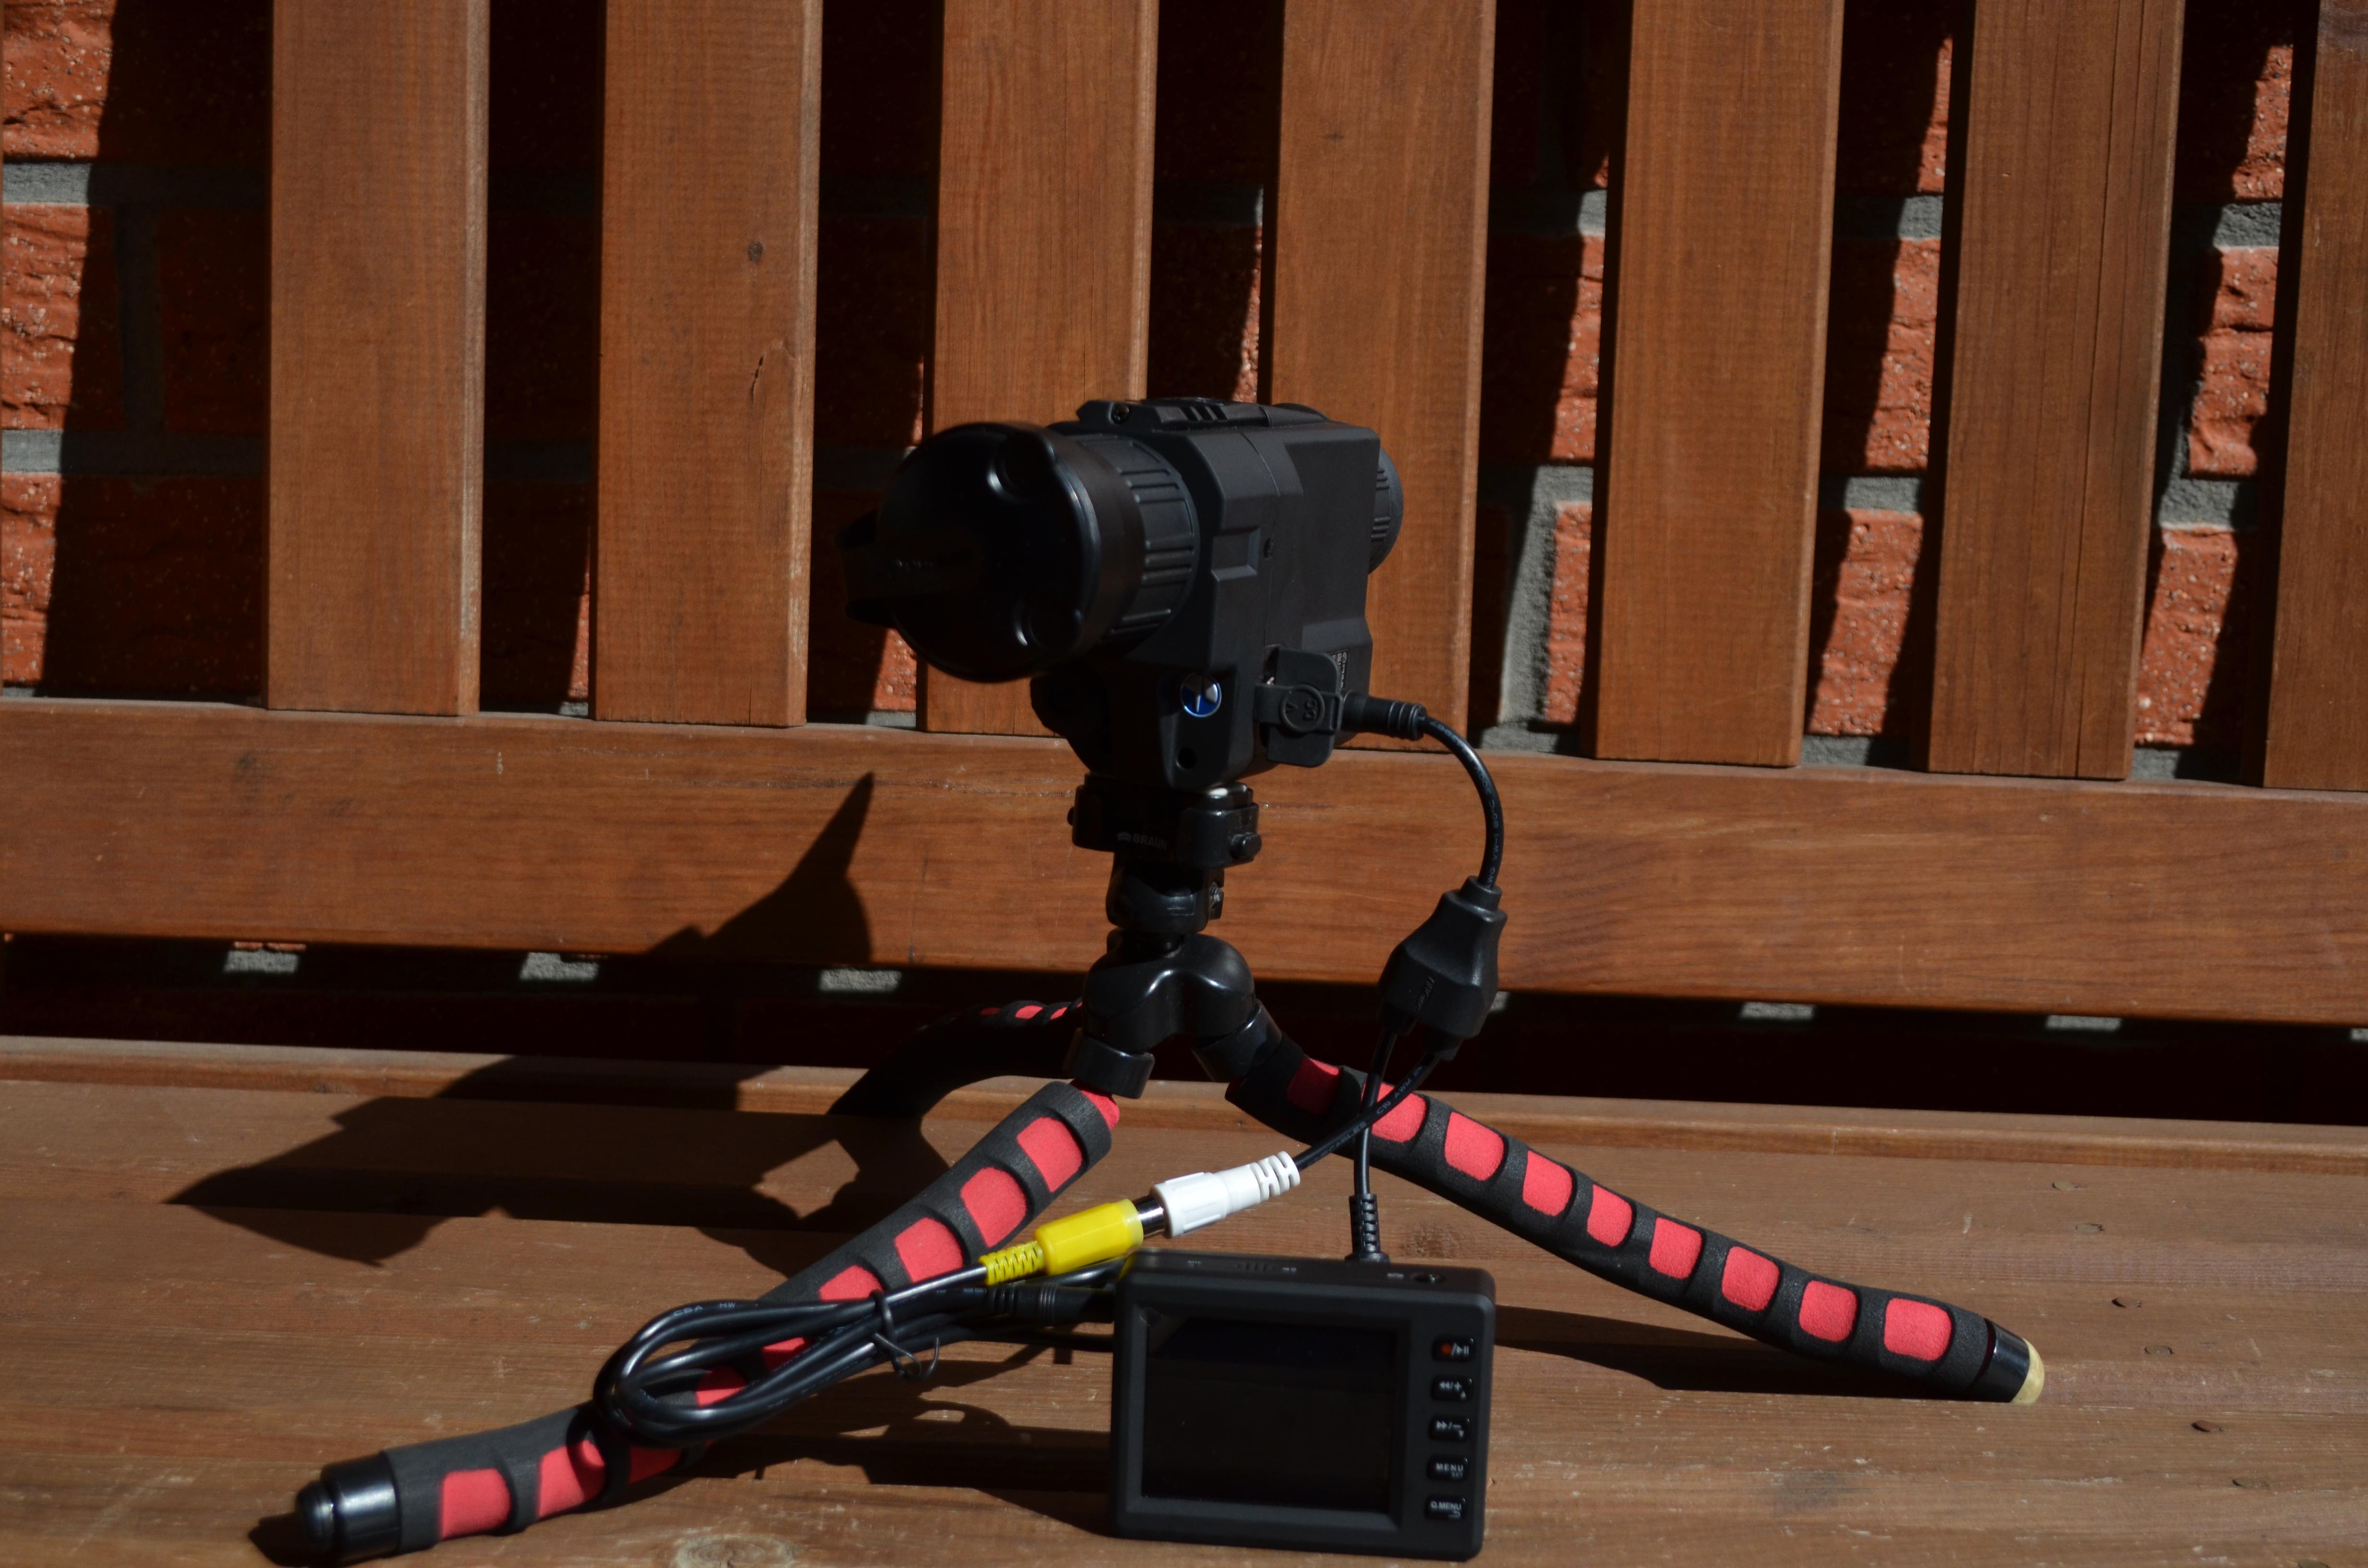 Wärmebildkamera Jagd Mit Entfernungsmesser : Produkttest wärmebildgerät pulsar quantum xq u ein gerät mit